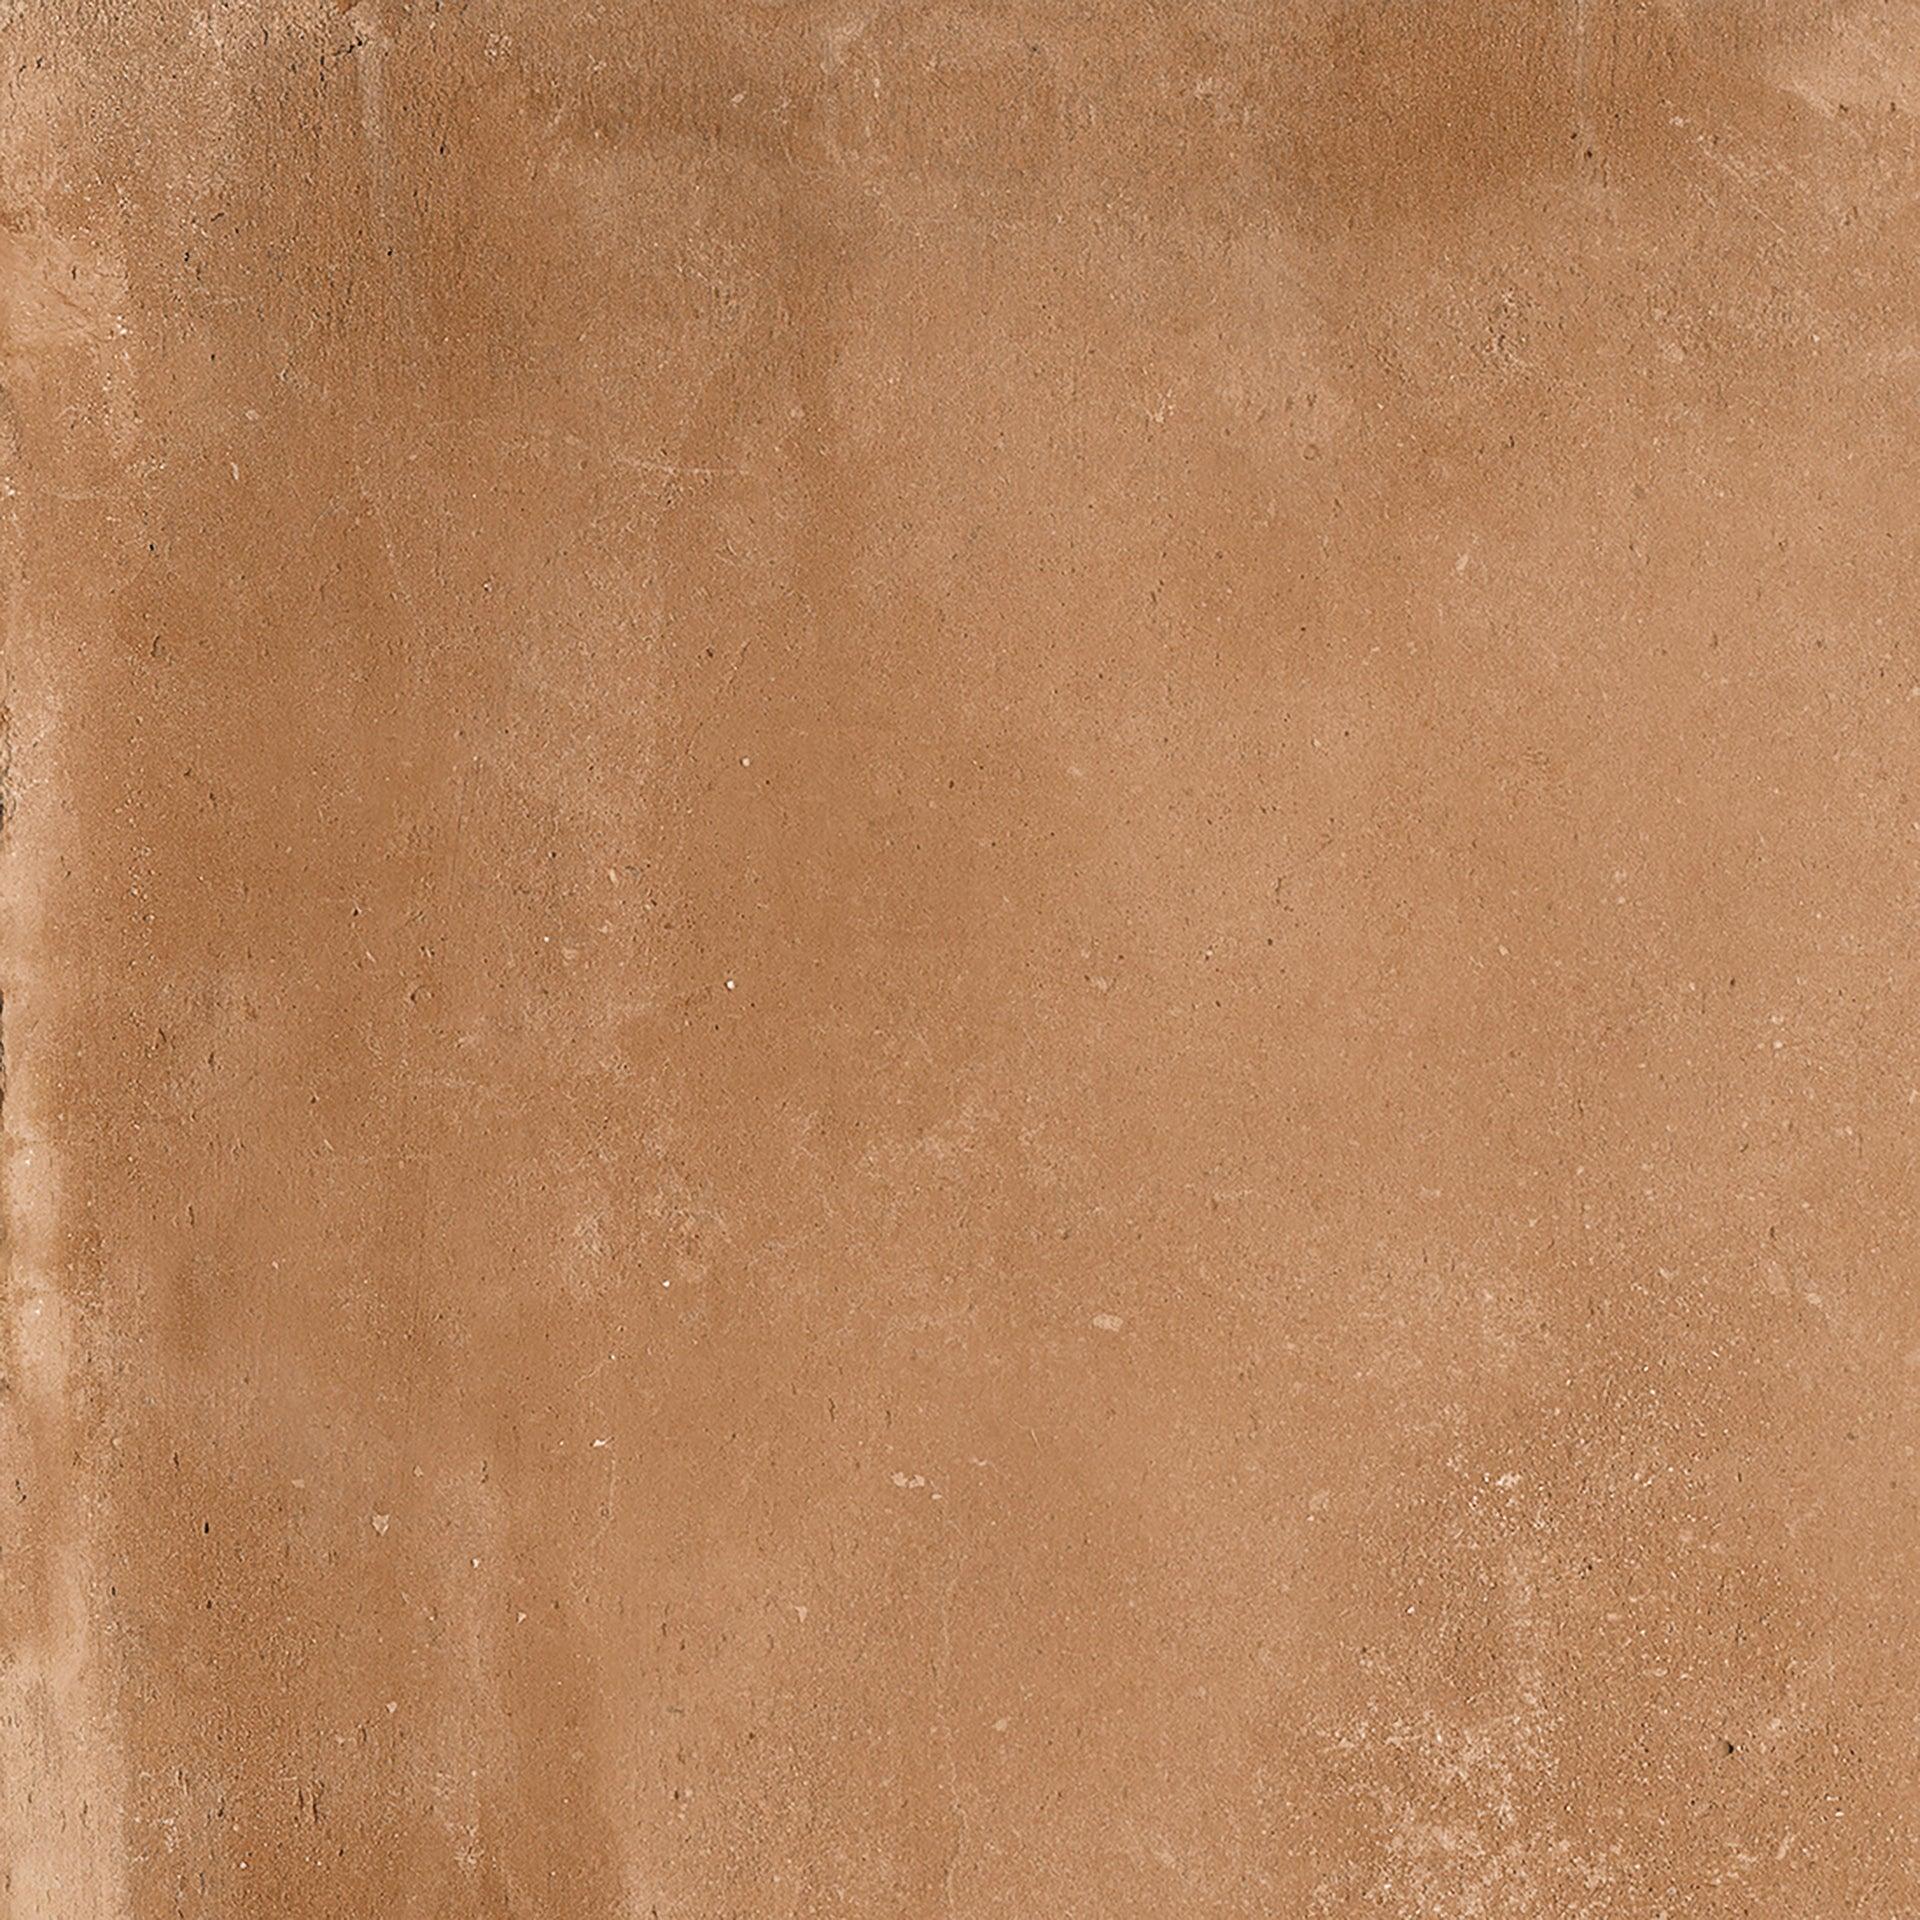 Piastrella Abbazia 35.8 x 35.8 cm sp. 9.2 mm PEI 4/5 beige - 2